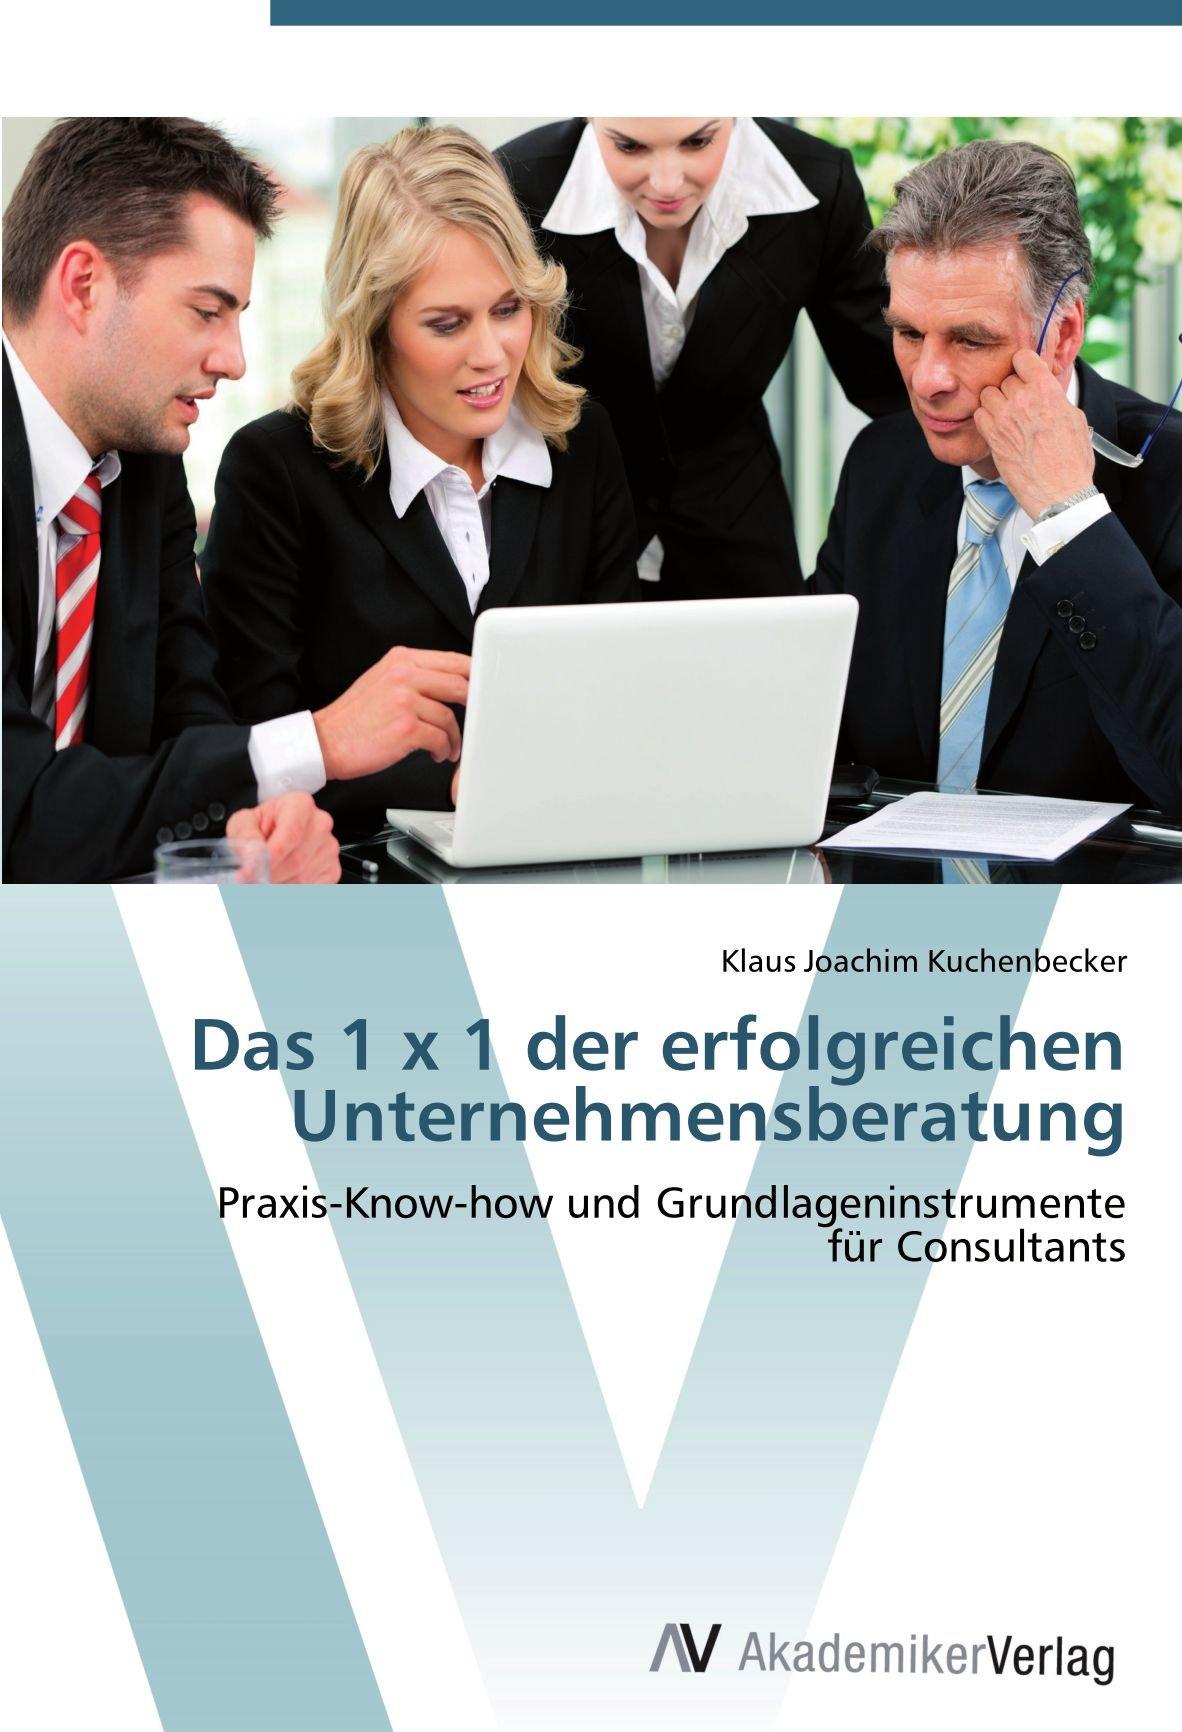 das-1-x-1-der-erfolgreichen-unternehmensberatung-praxis-know-how-und-grundlageninstrumente-fr-consultants